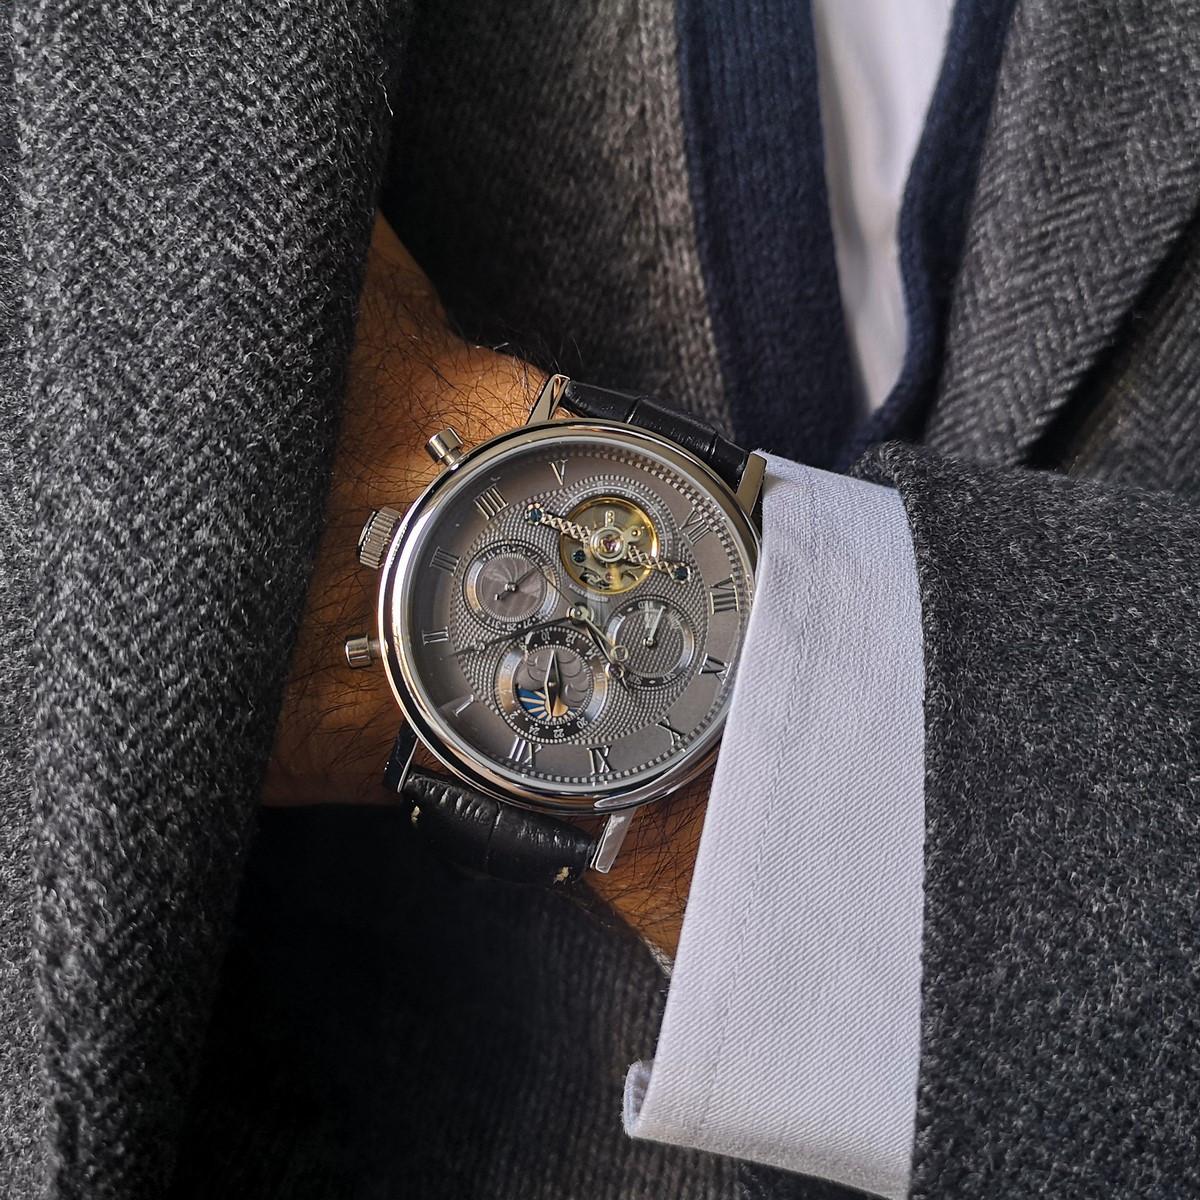 Montre Louis Cottier TRADITION Automatique 42 mm Gris boitier argenté - bracelet noir - HS3370CgBC1